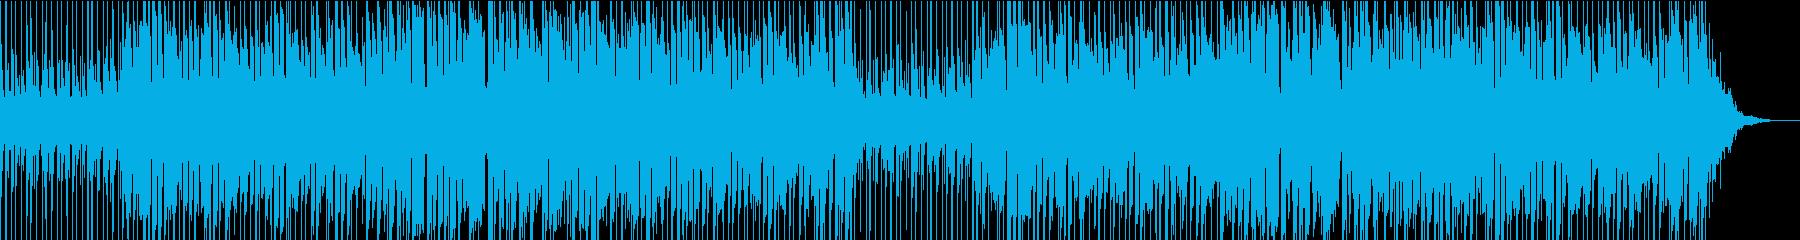 企業PVさわやかエレキギターとピアノの曲の再生済みの波形